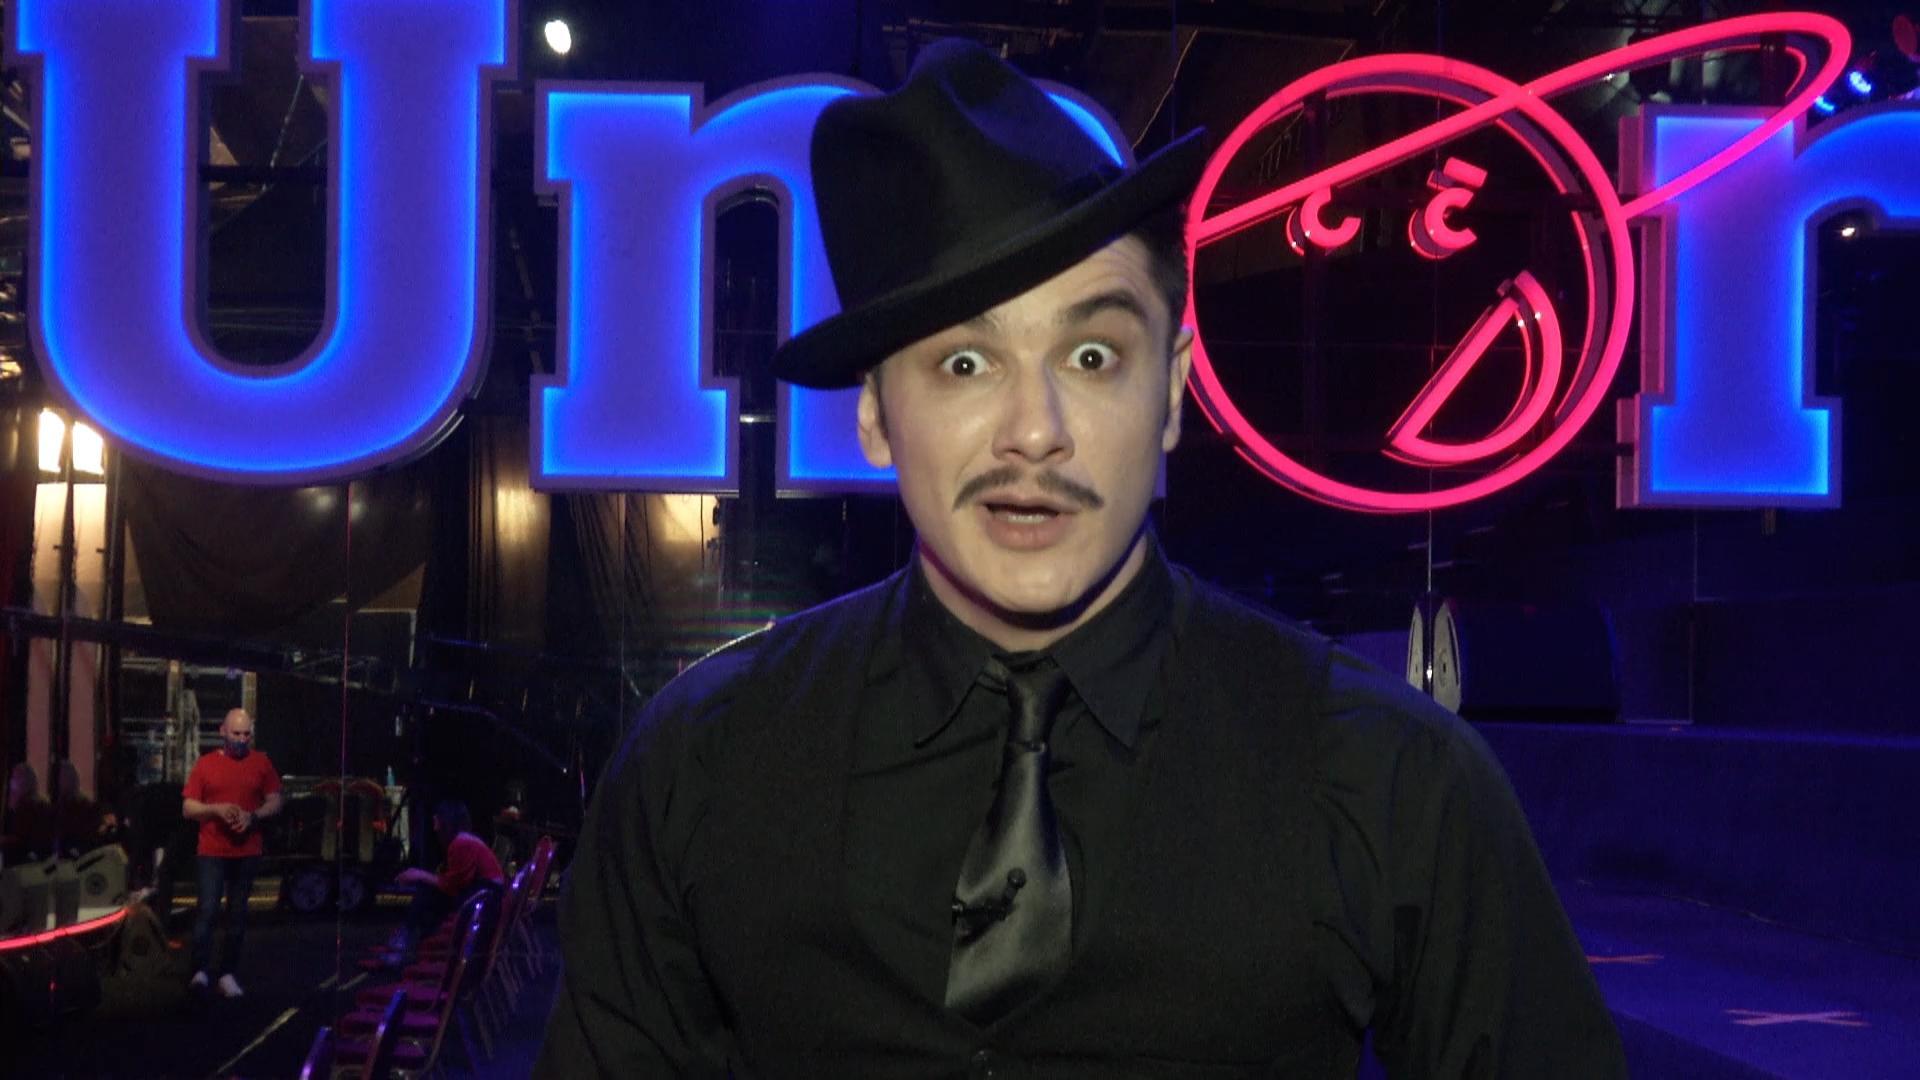 Vlad Drăgulin prezintă iMai mult Umor, episodul 4. Hai să vezi ce surprize din culise a pregătit!